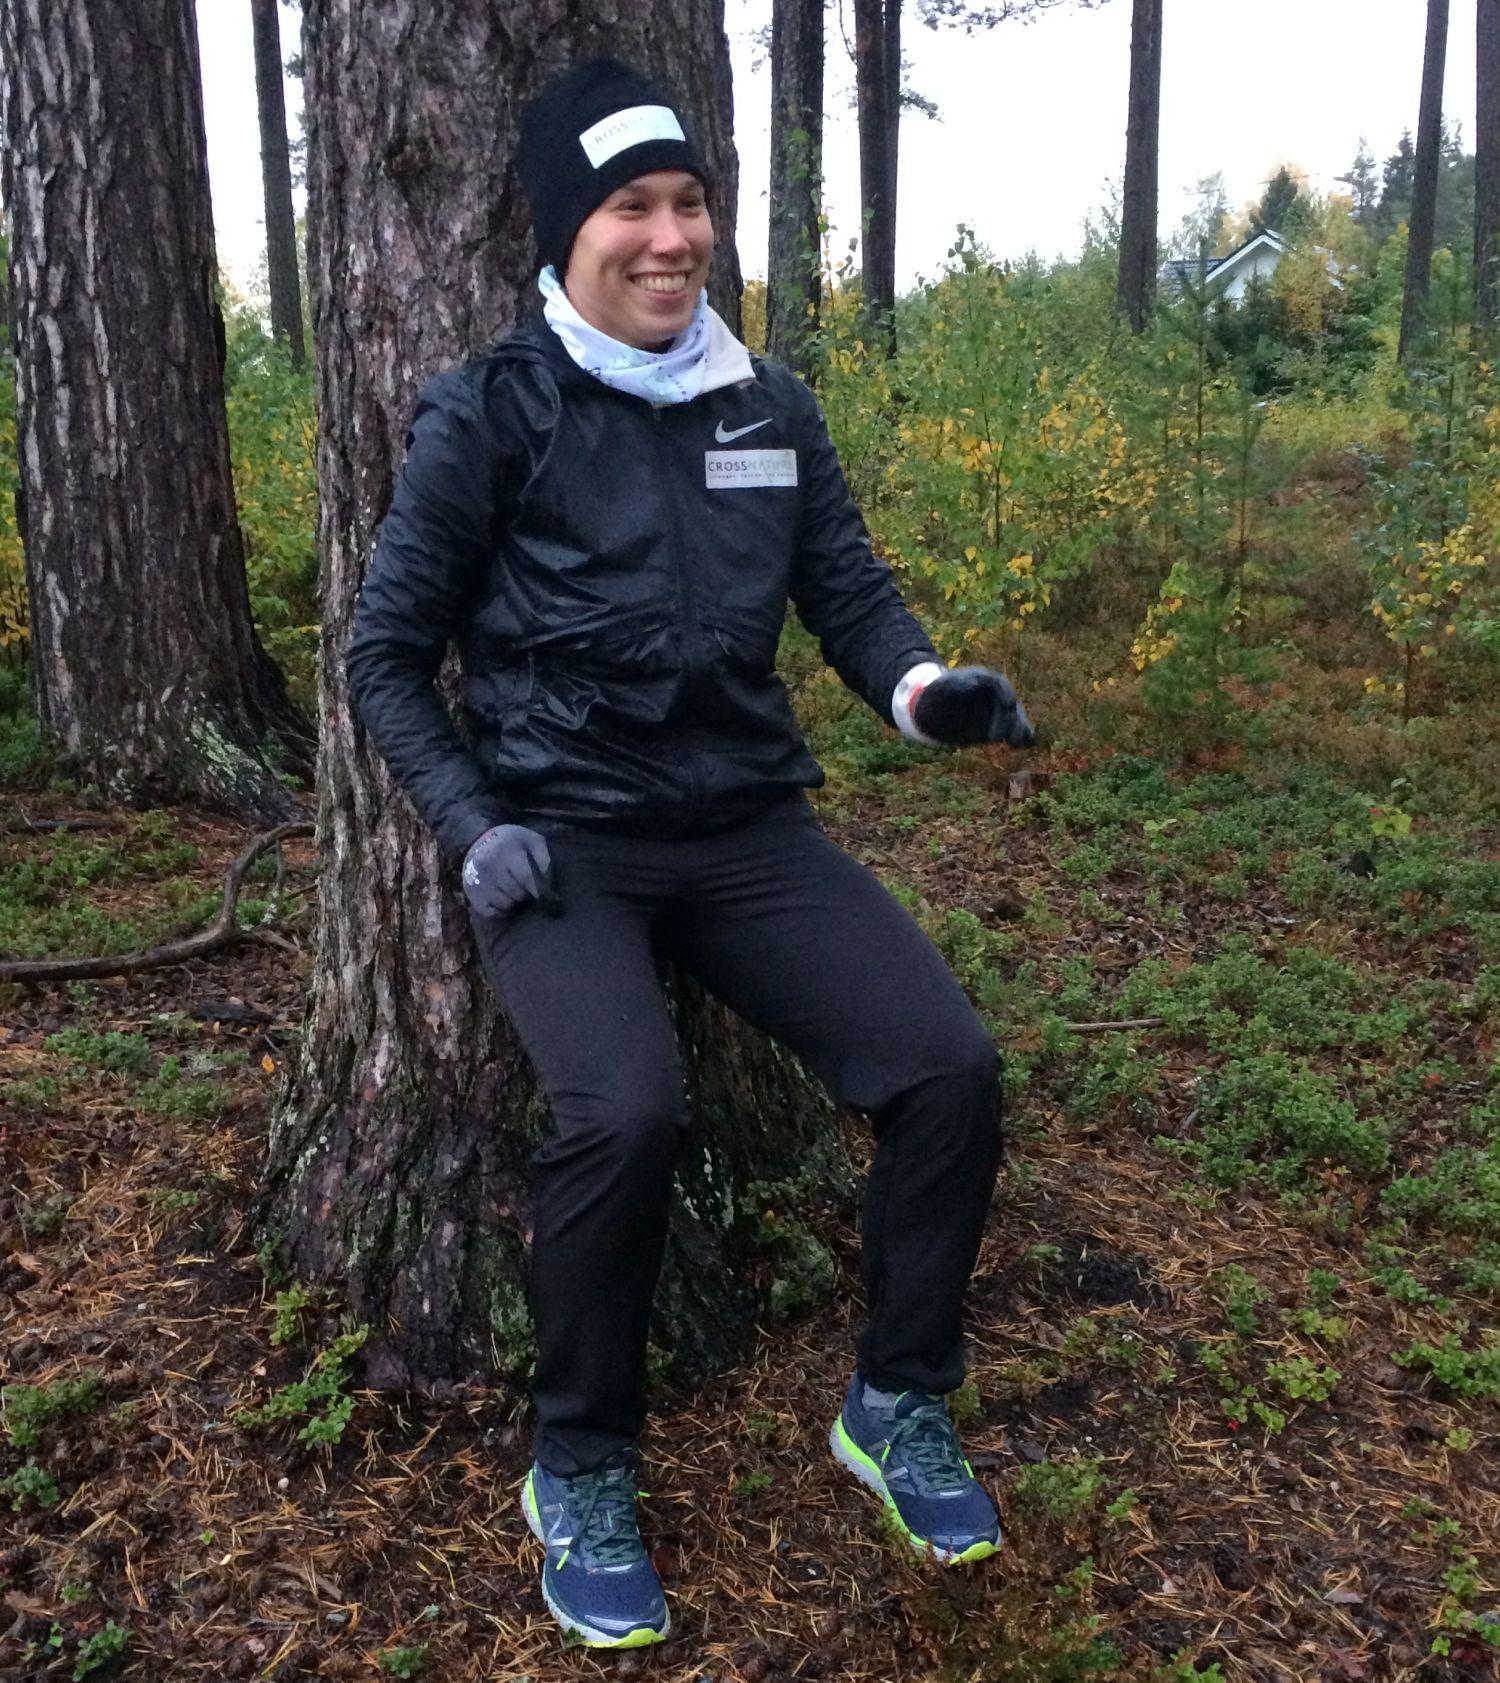 Dam i träningskläder sitter utan stol med ryggen mot ett träd